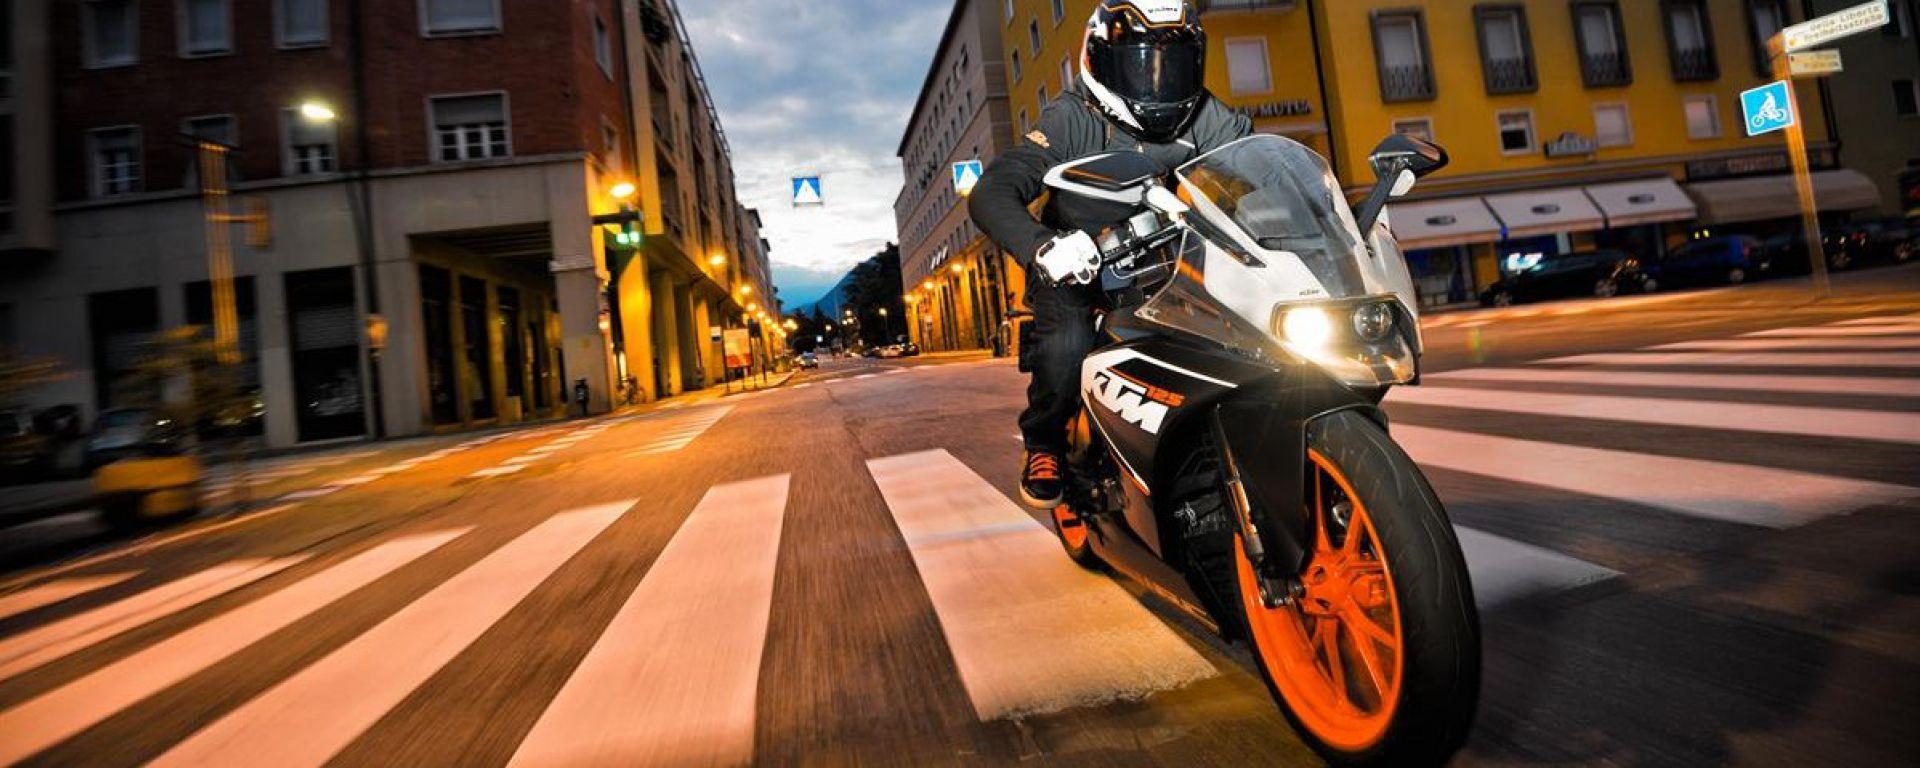 KTM RC 125: sconti fino a 1.500 euro